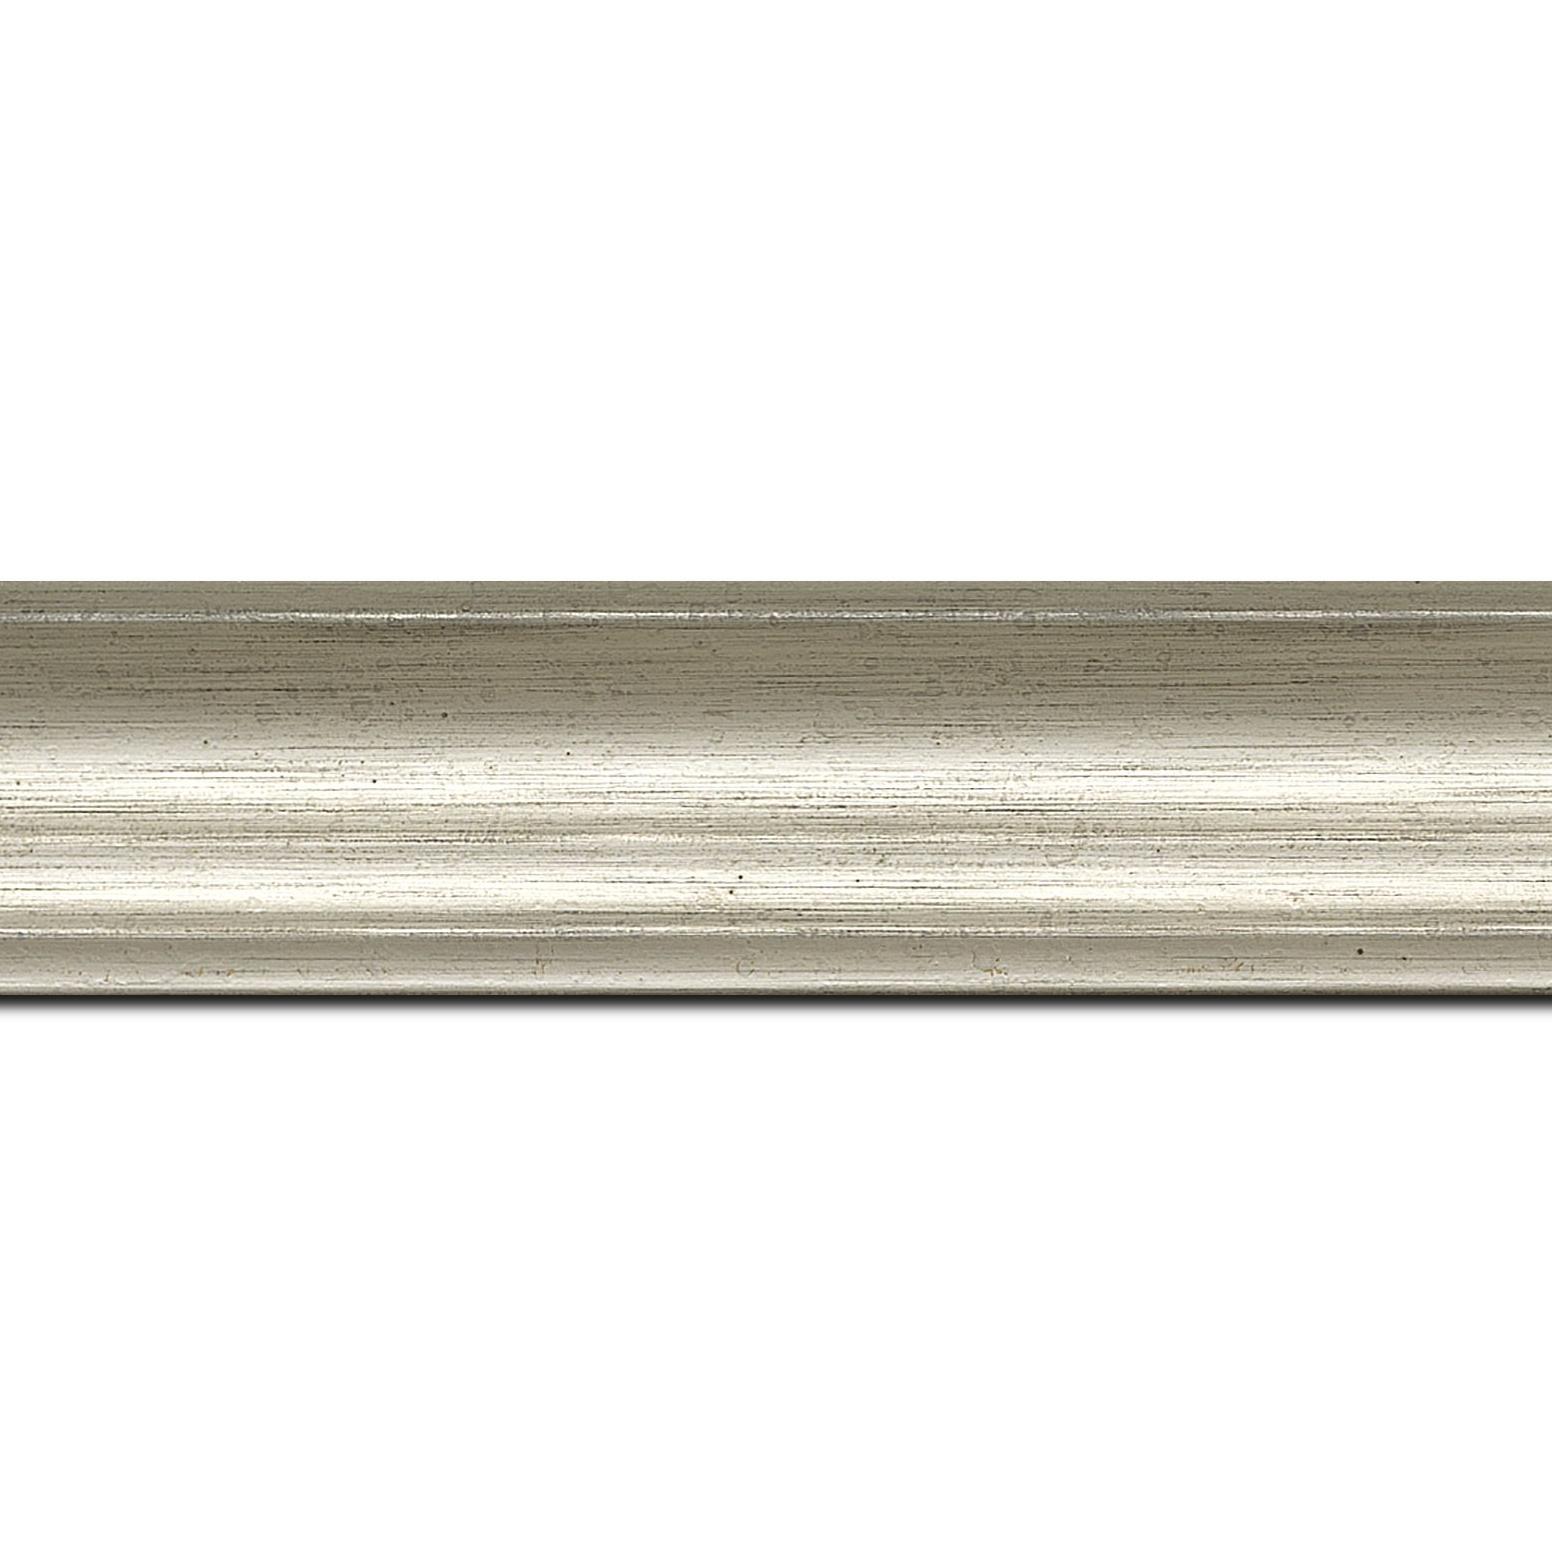 Pack par 12m, bois profil incurvé largeur 4.2cm argent chaud  finition nature (longueur baguette pouvant varier entre 2.40m et 3m selon arrivage des bois)